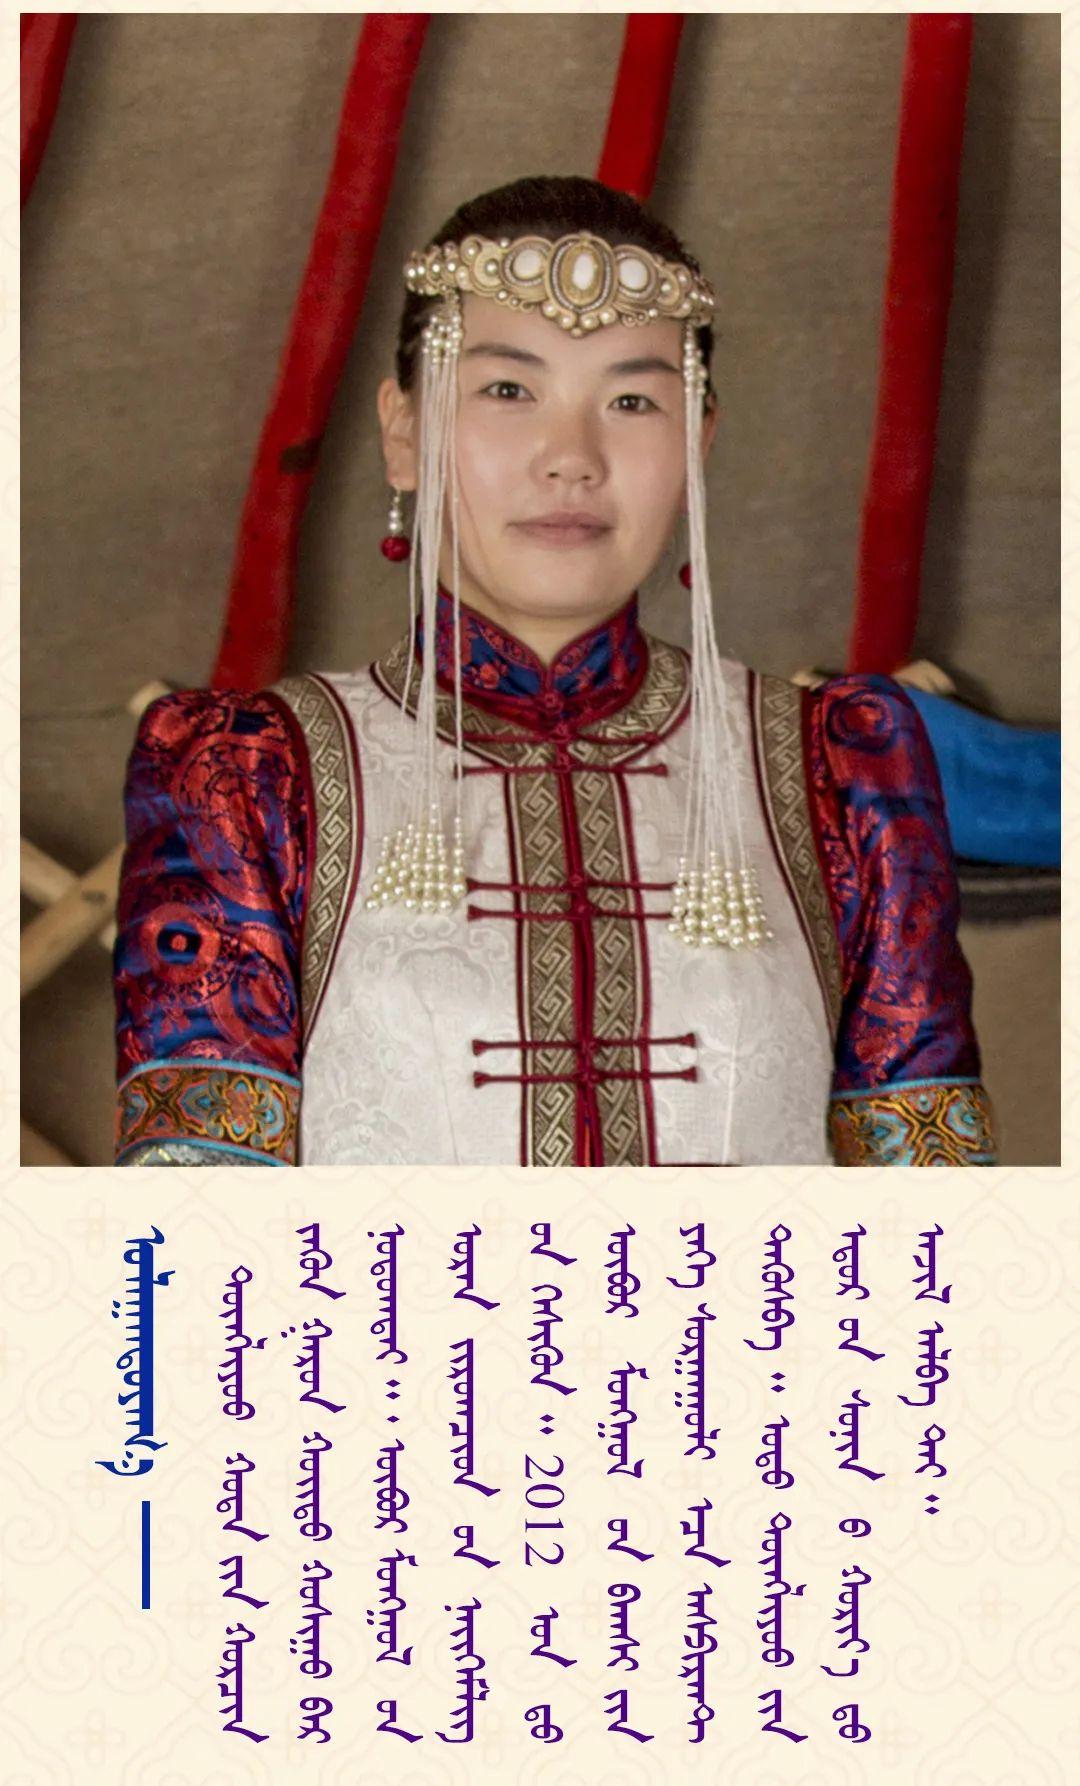 家乡美 | 乌兰图雅版画作品欣赏 第1张 家乡美 | 乌兰图雅版画作品欣赏 蒙古画廊